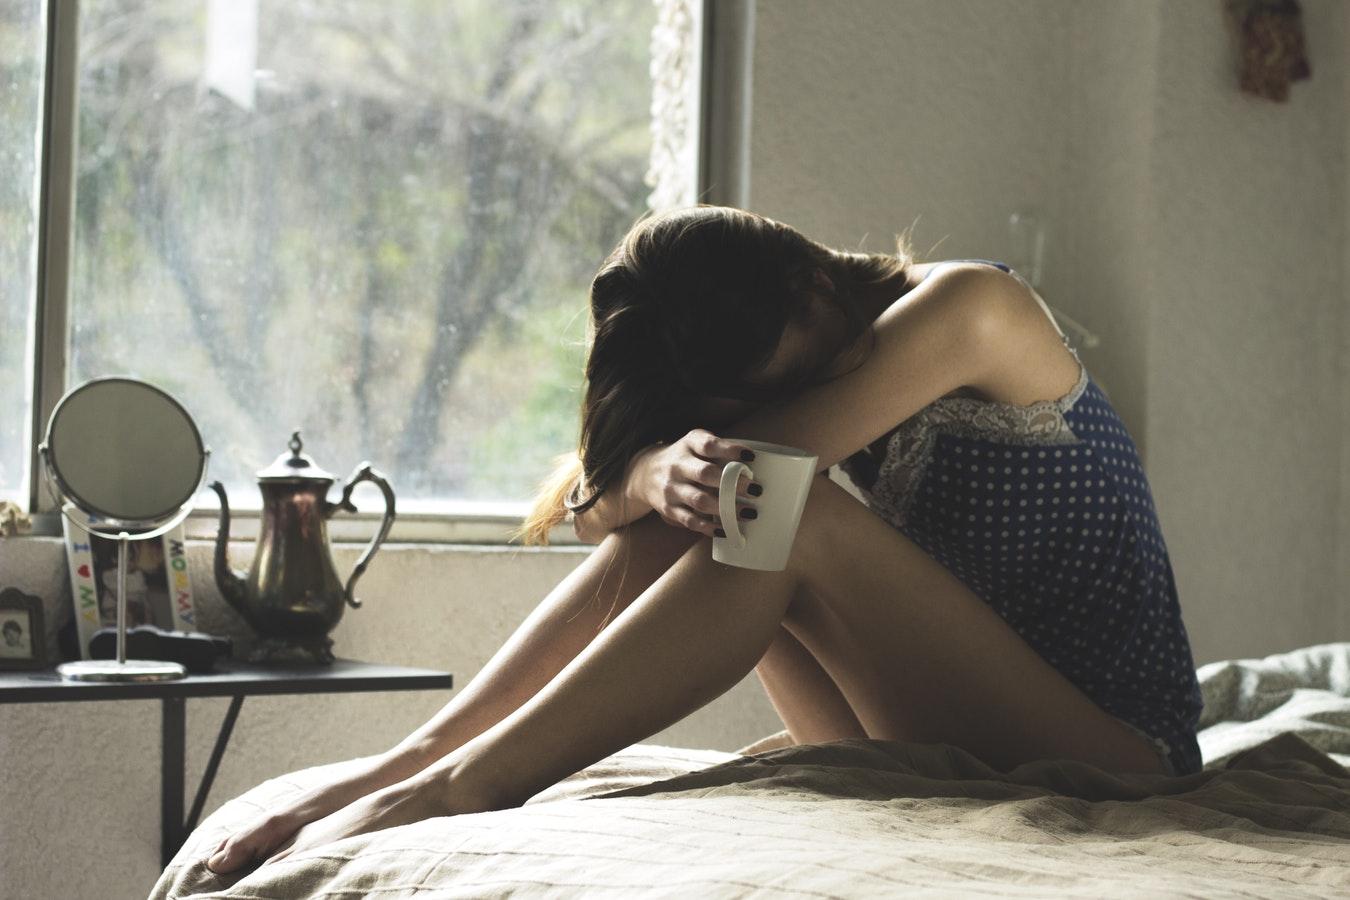 「想定の範囲内」の考え方。今、悩みヘコんでる女性へ・・・。